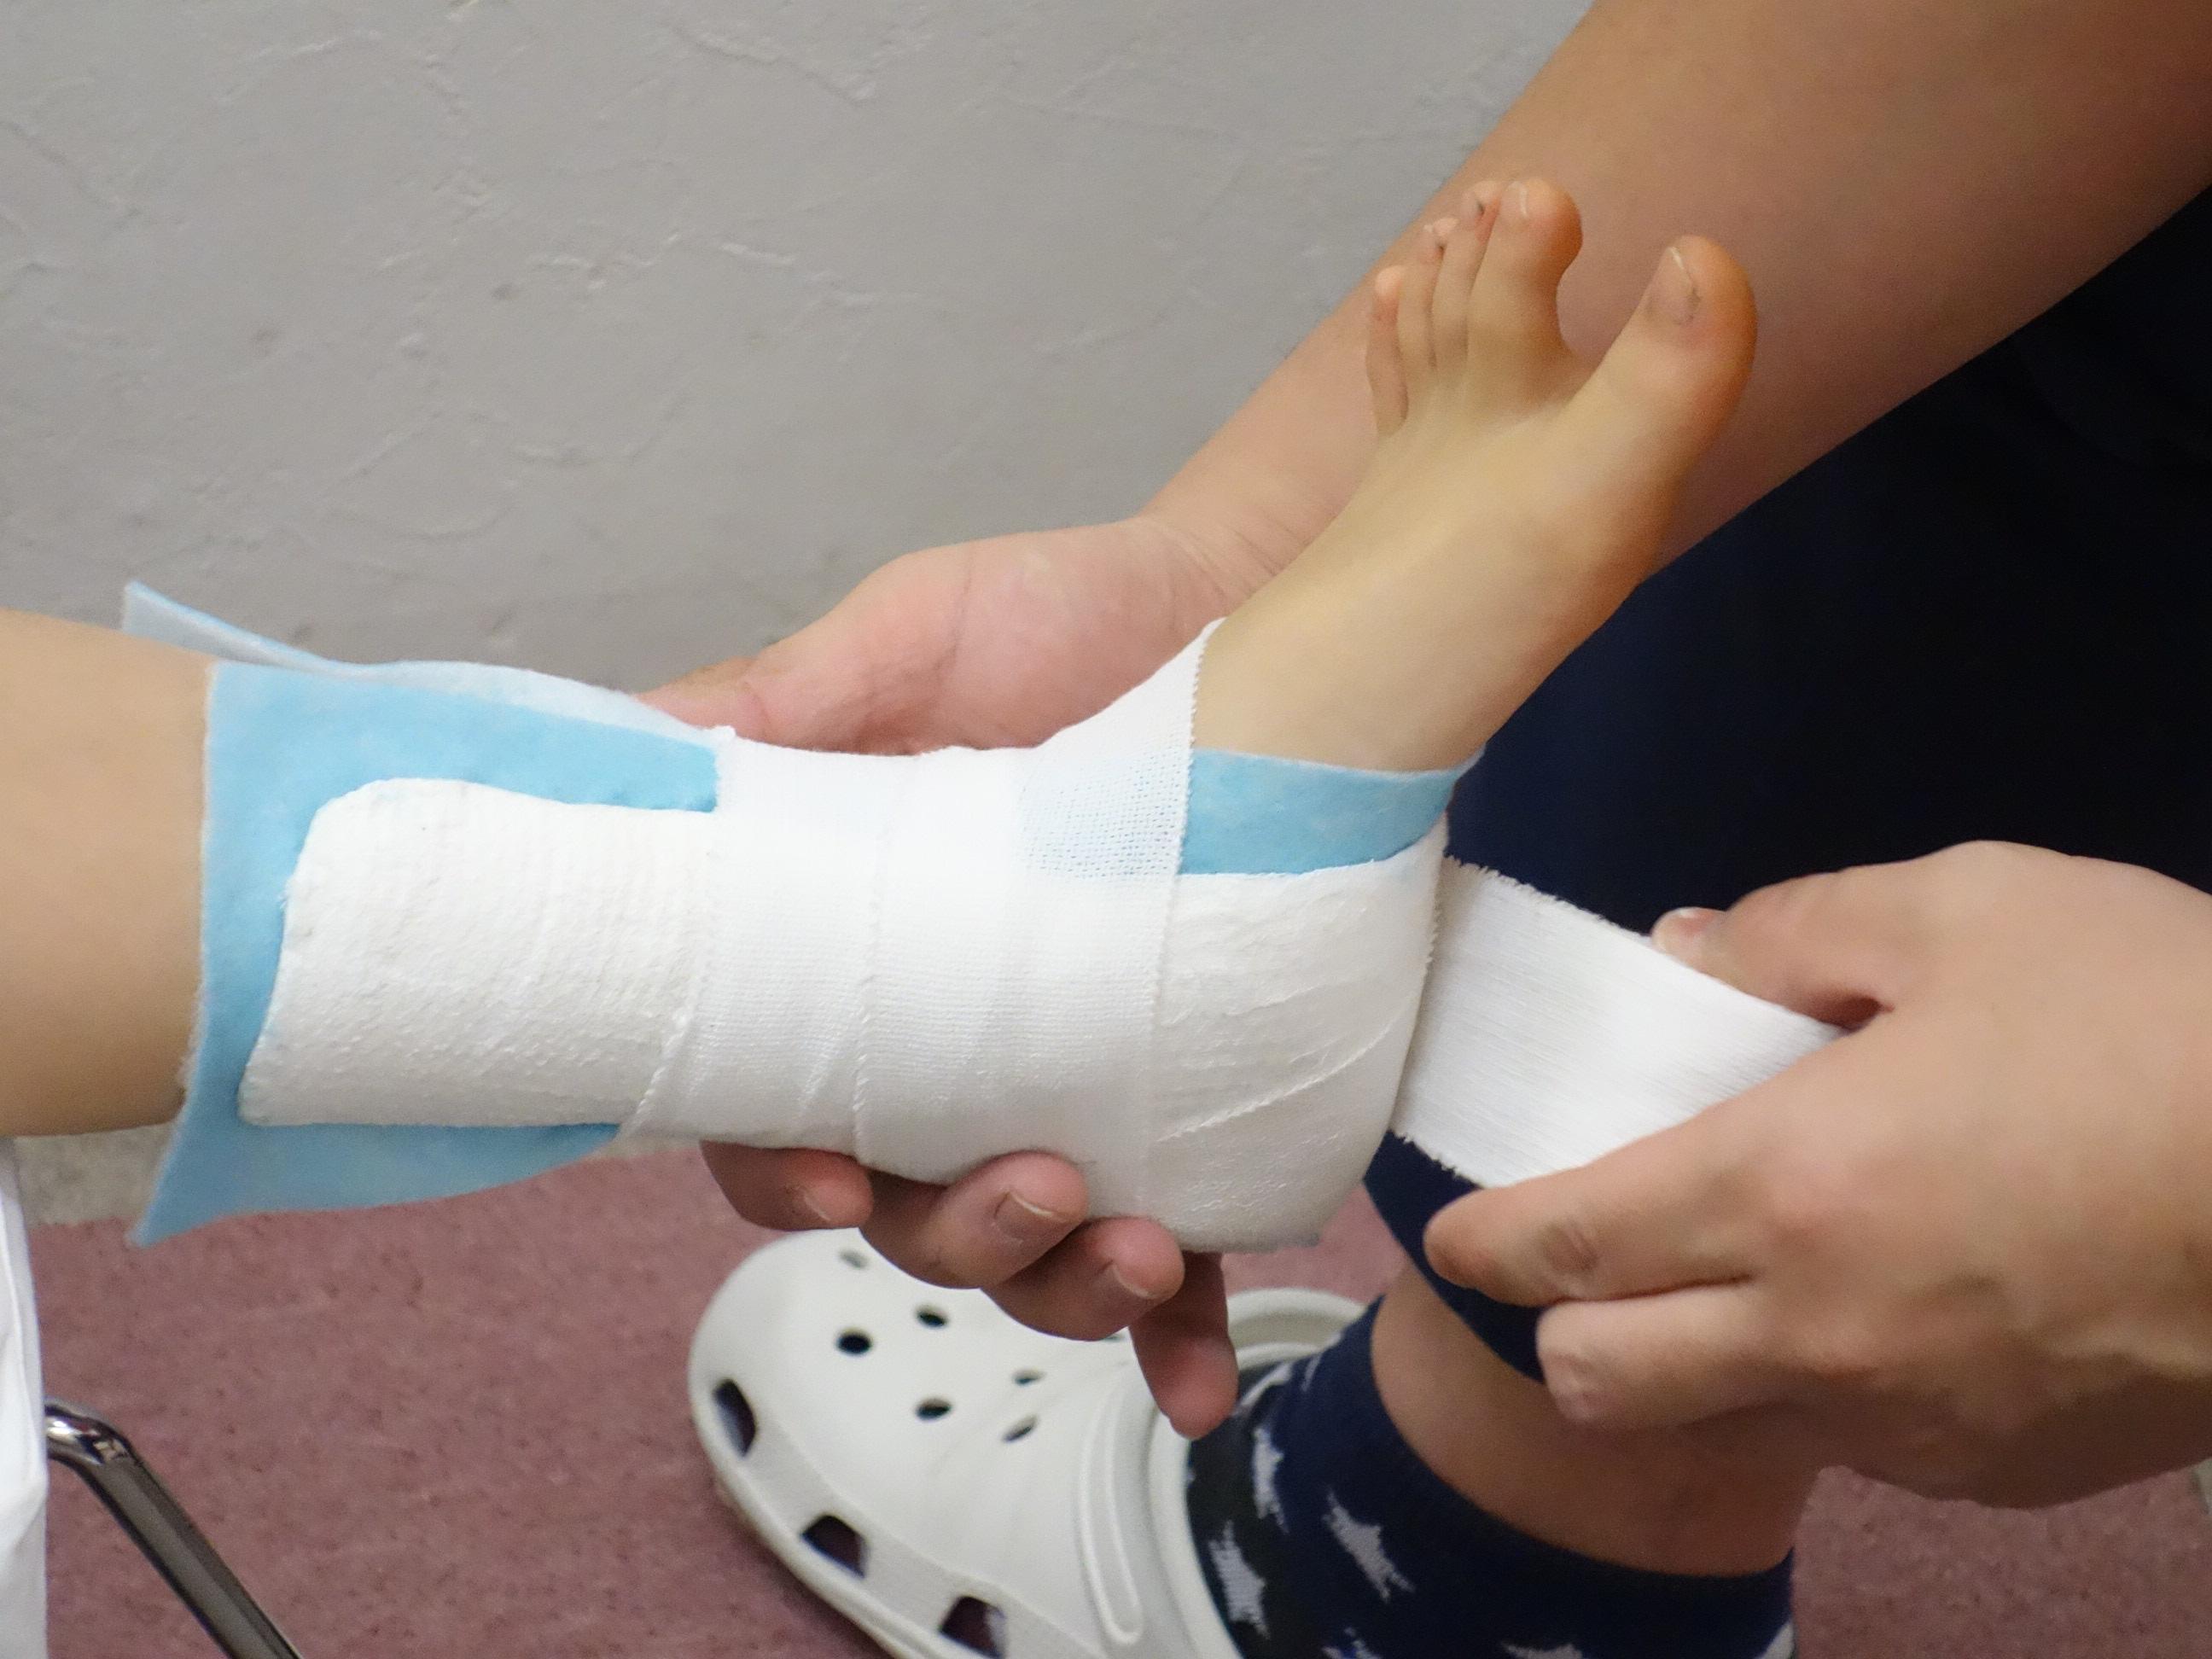 横浜の治療院で足首の捻挫の固定処置をしている写真